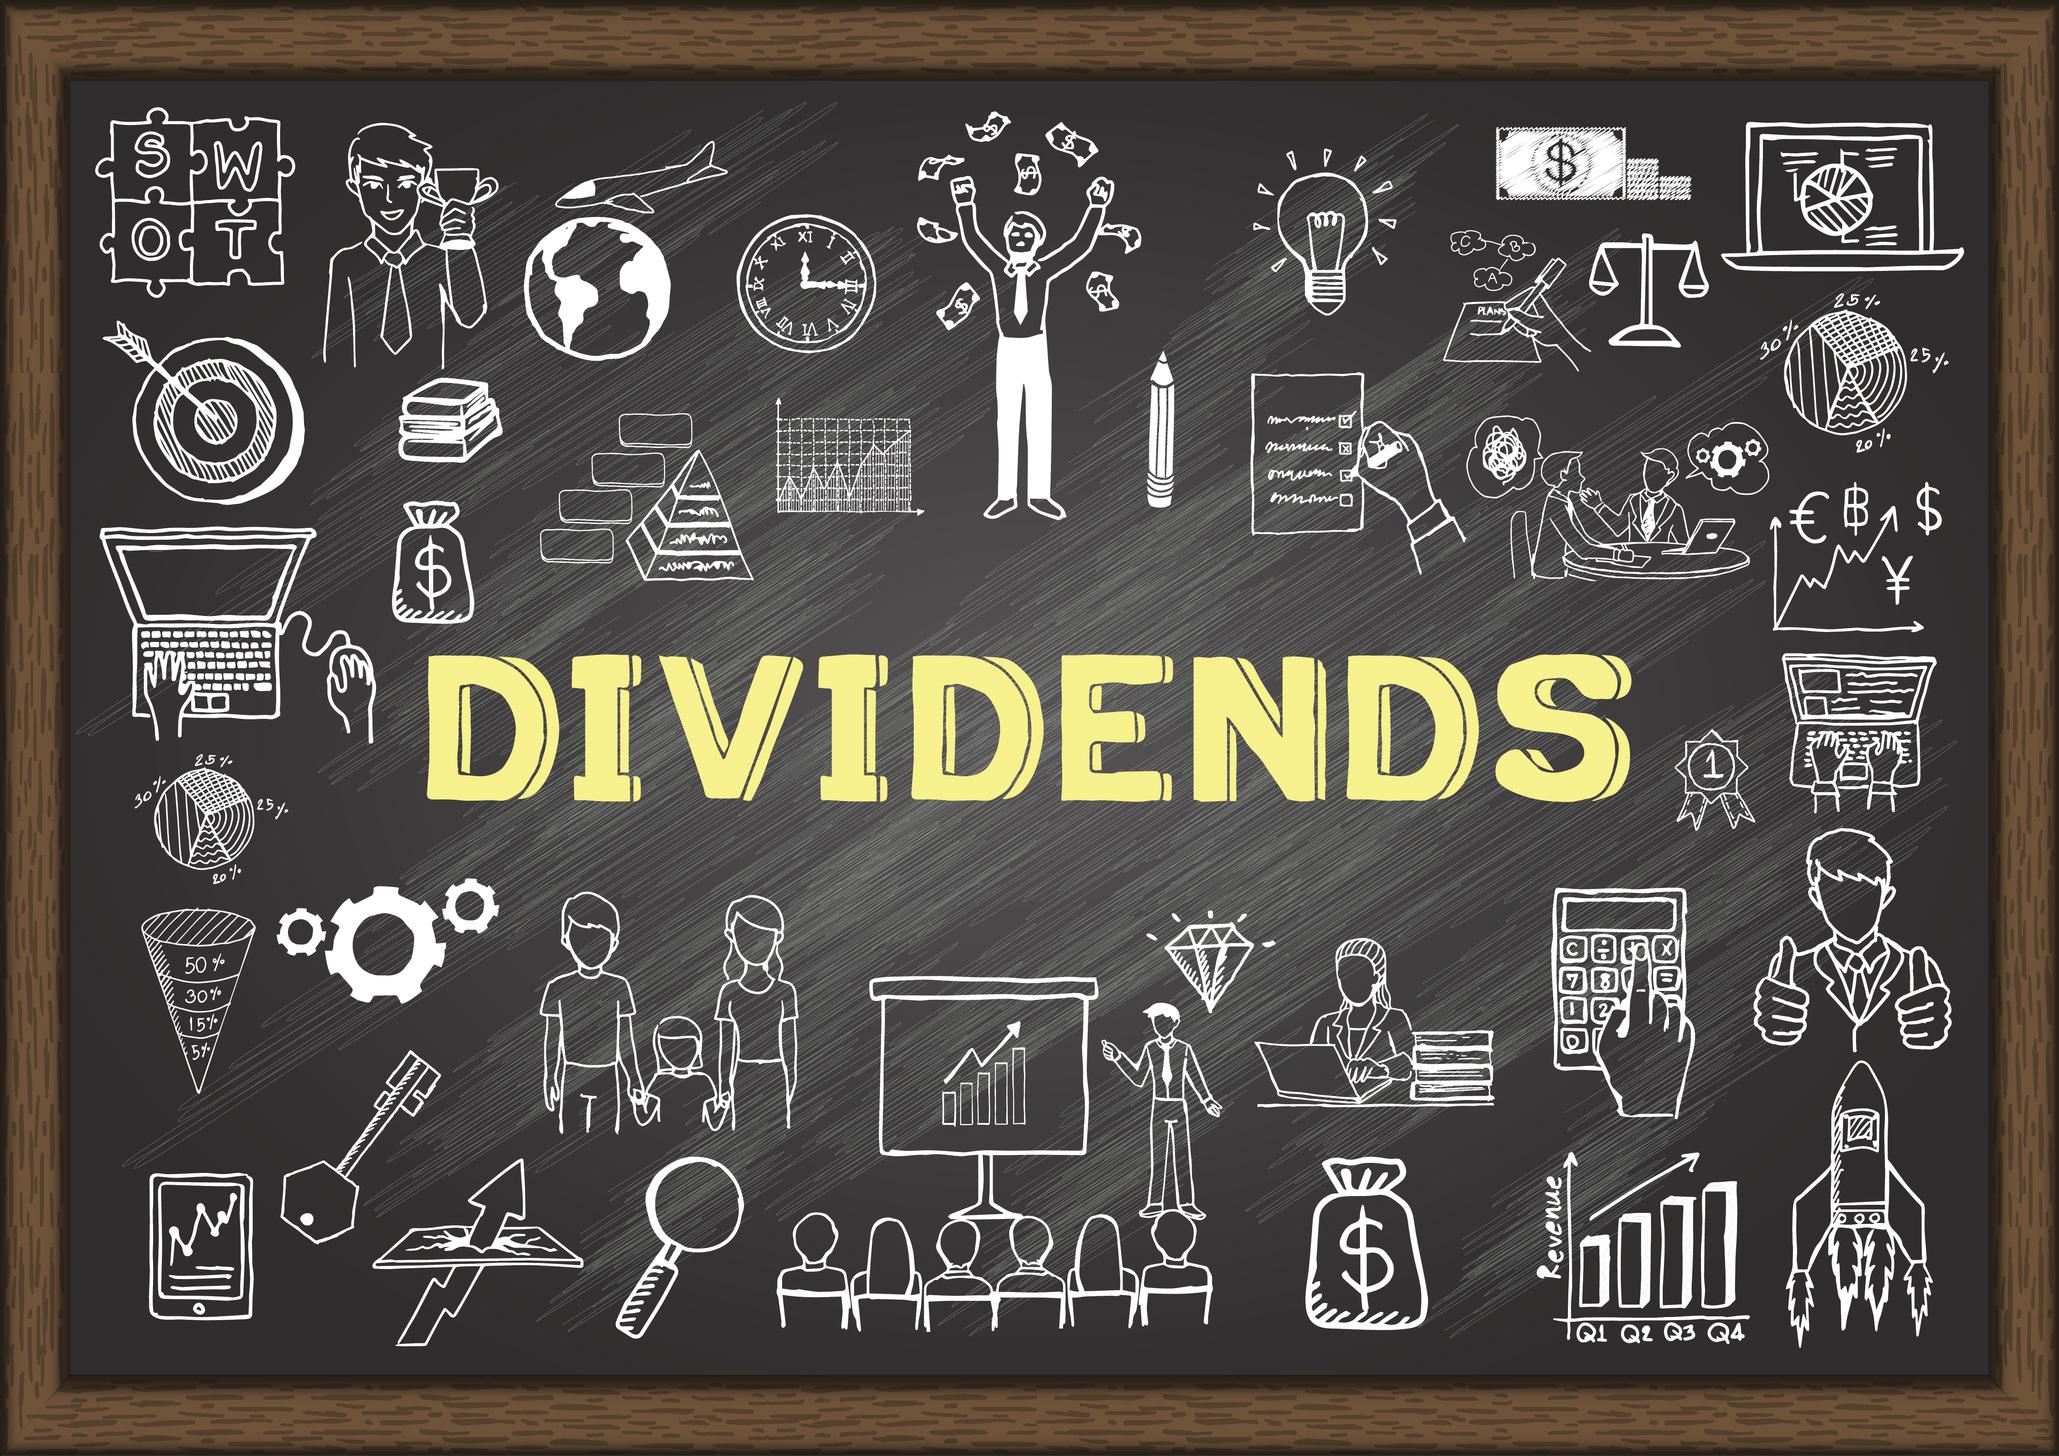 Dividends written on a chalkboard